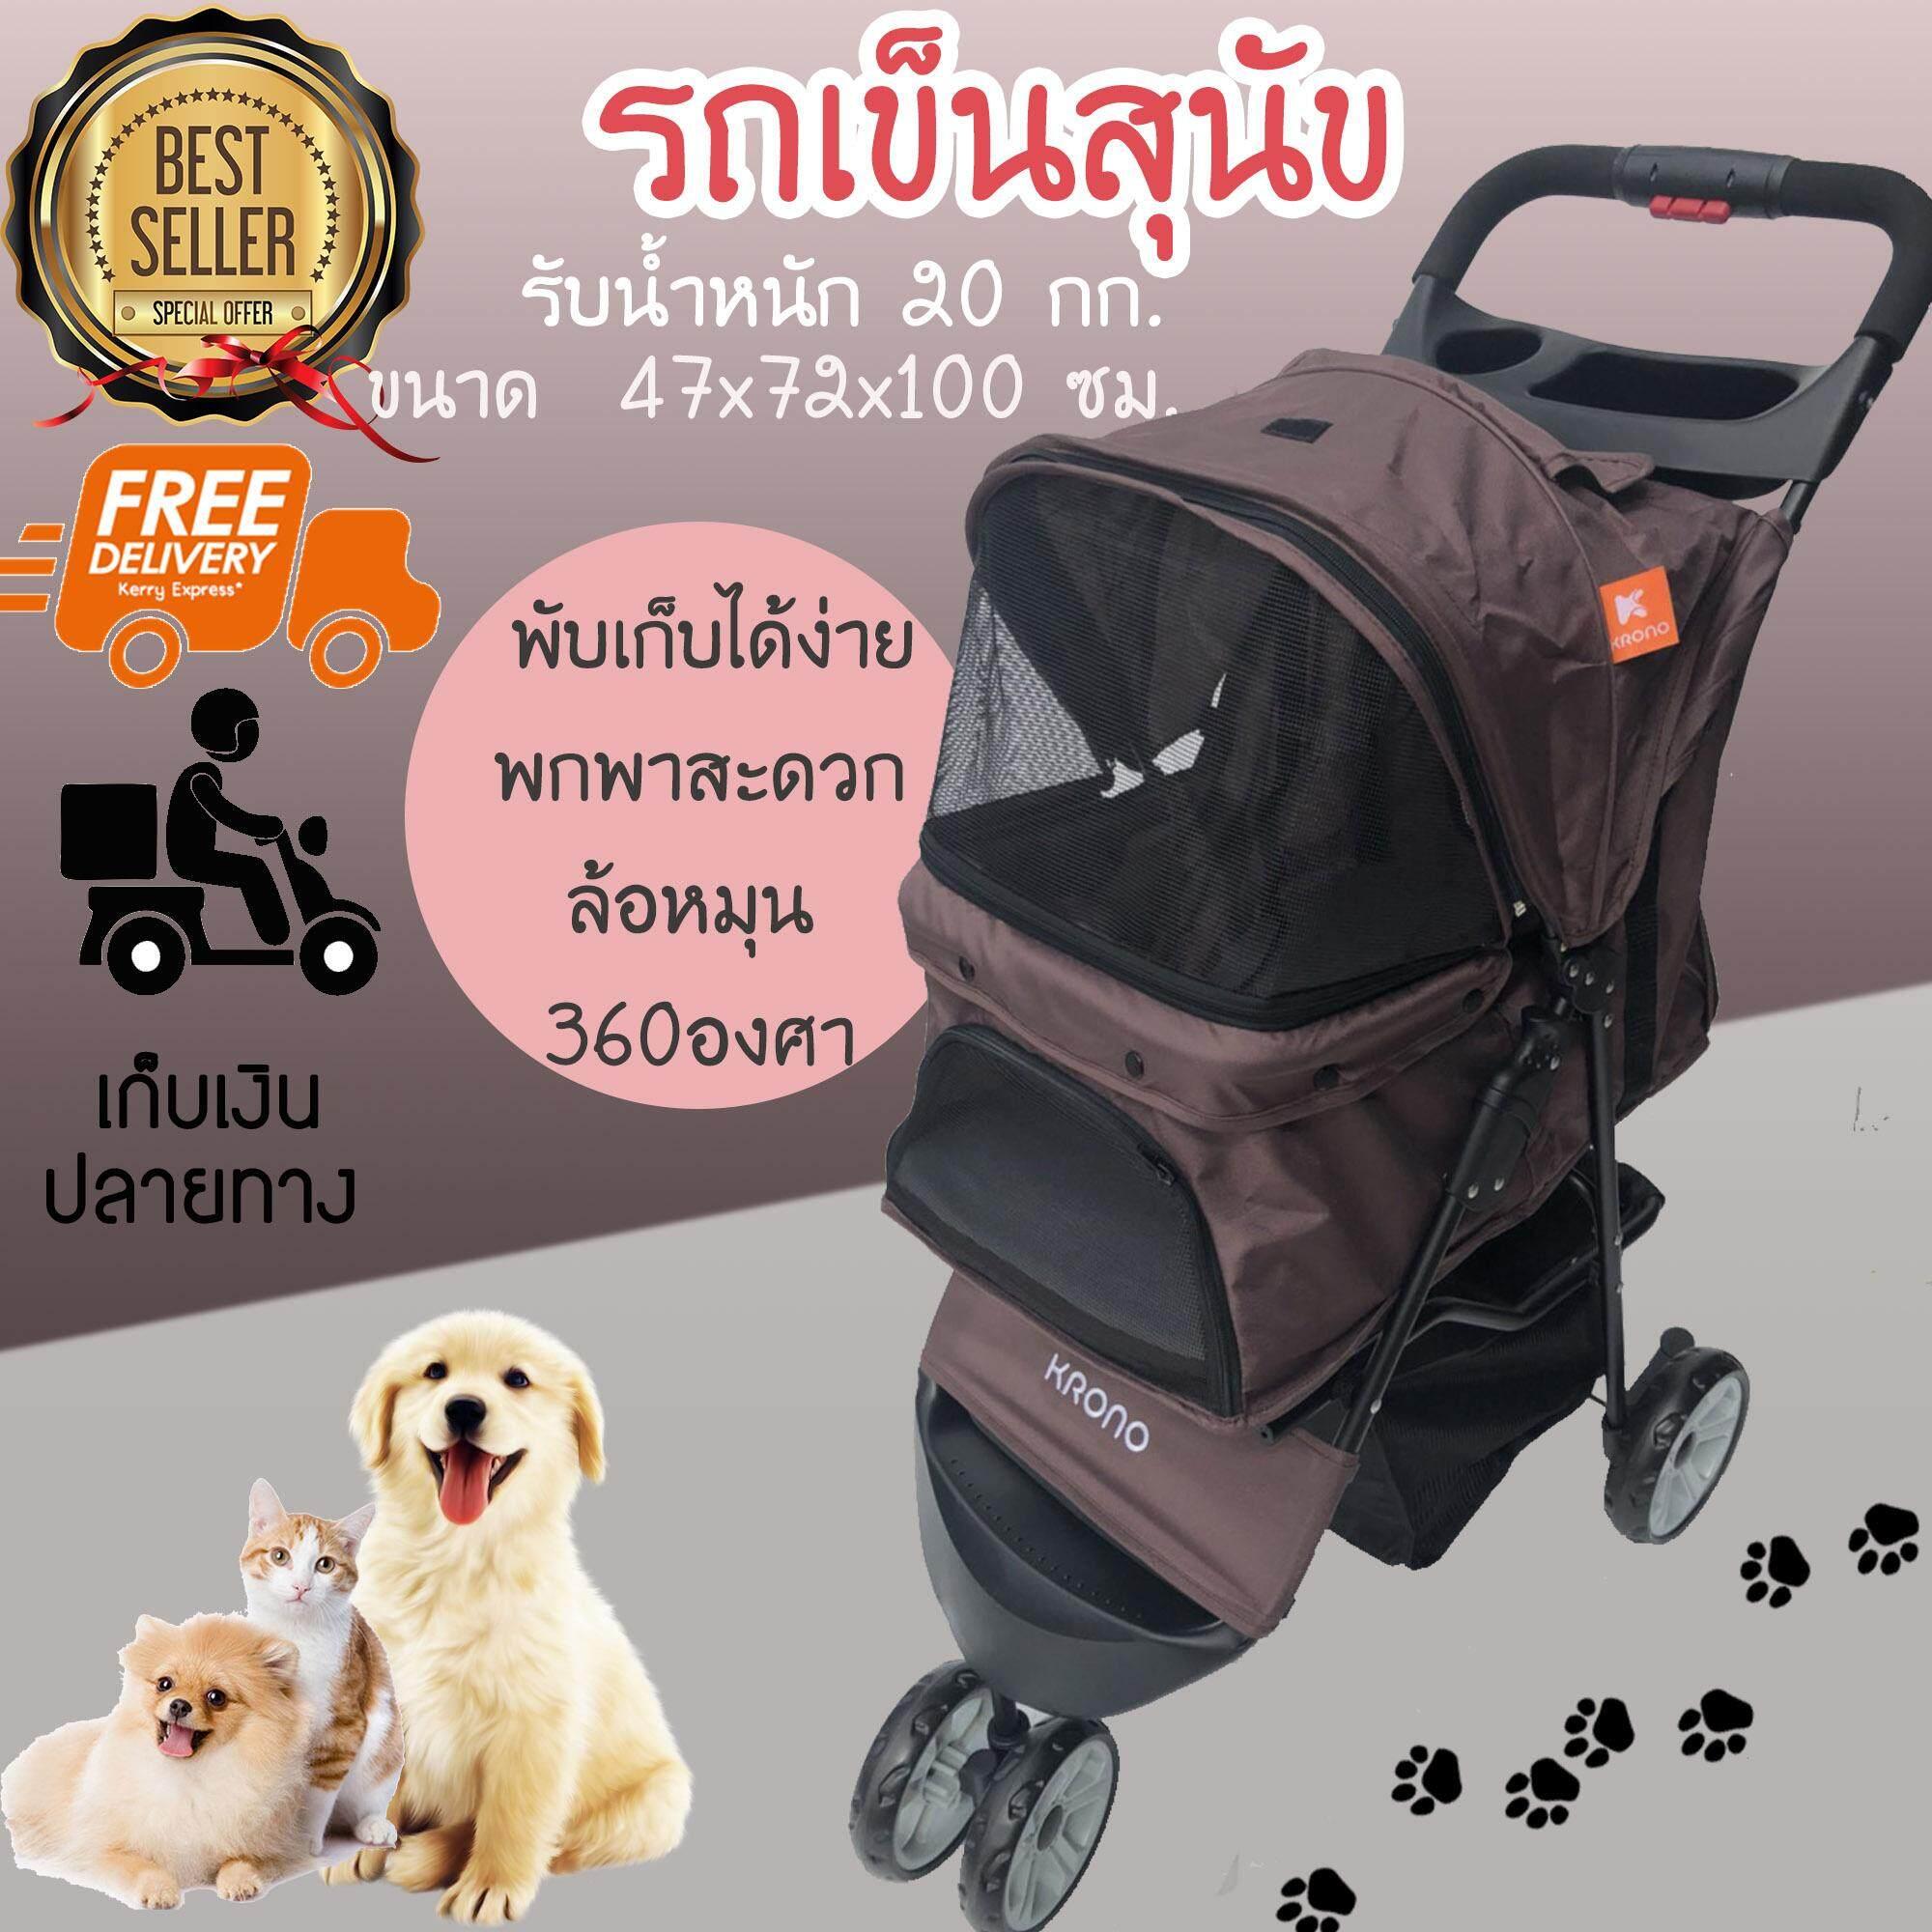 รถเข็นสุนัข รถเข็นหมา รถเข็นน้องหมา แบบ 3 ล้อ สีน้ำตาล รับน้ำหนักได้ 20 กิโลกรัม